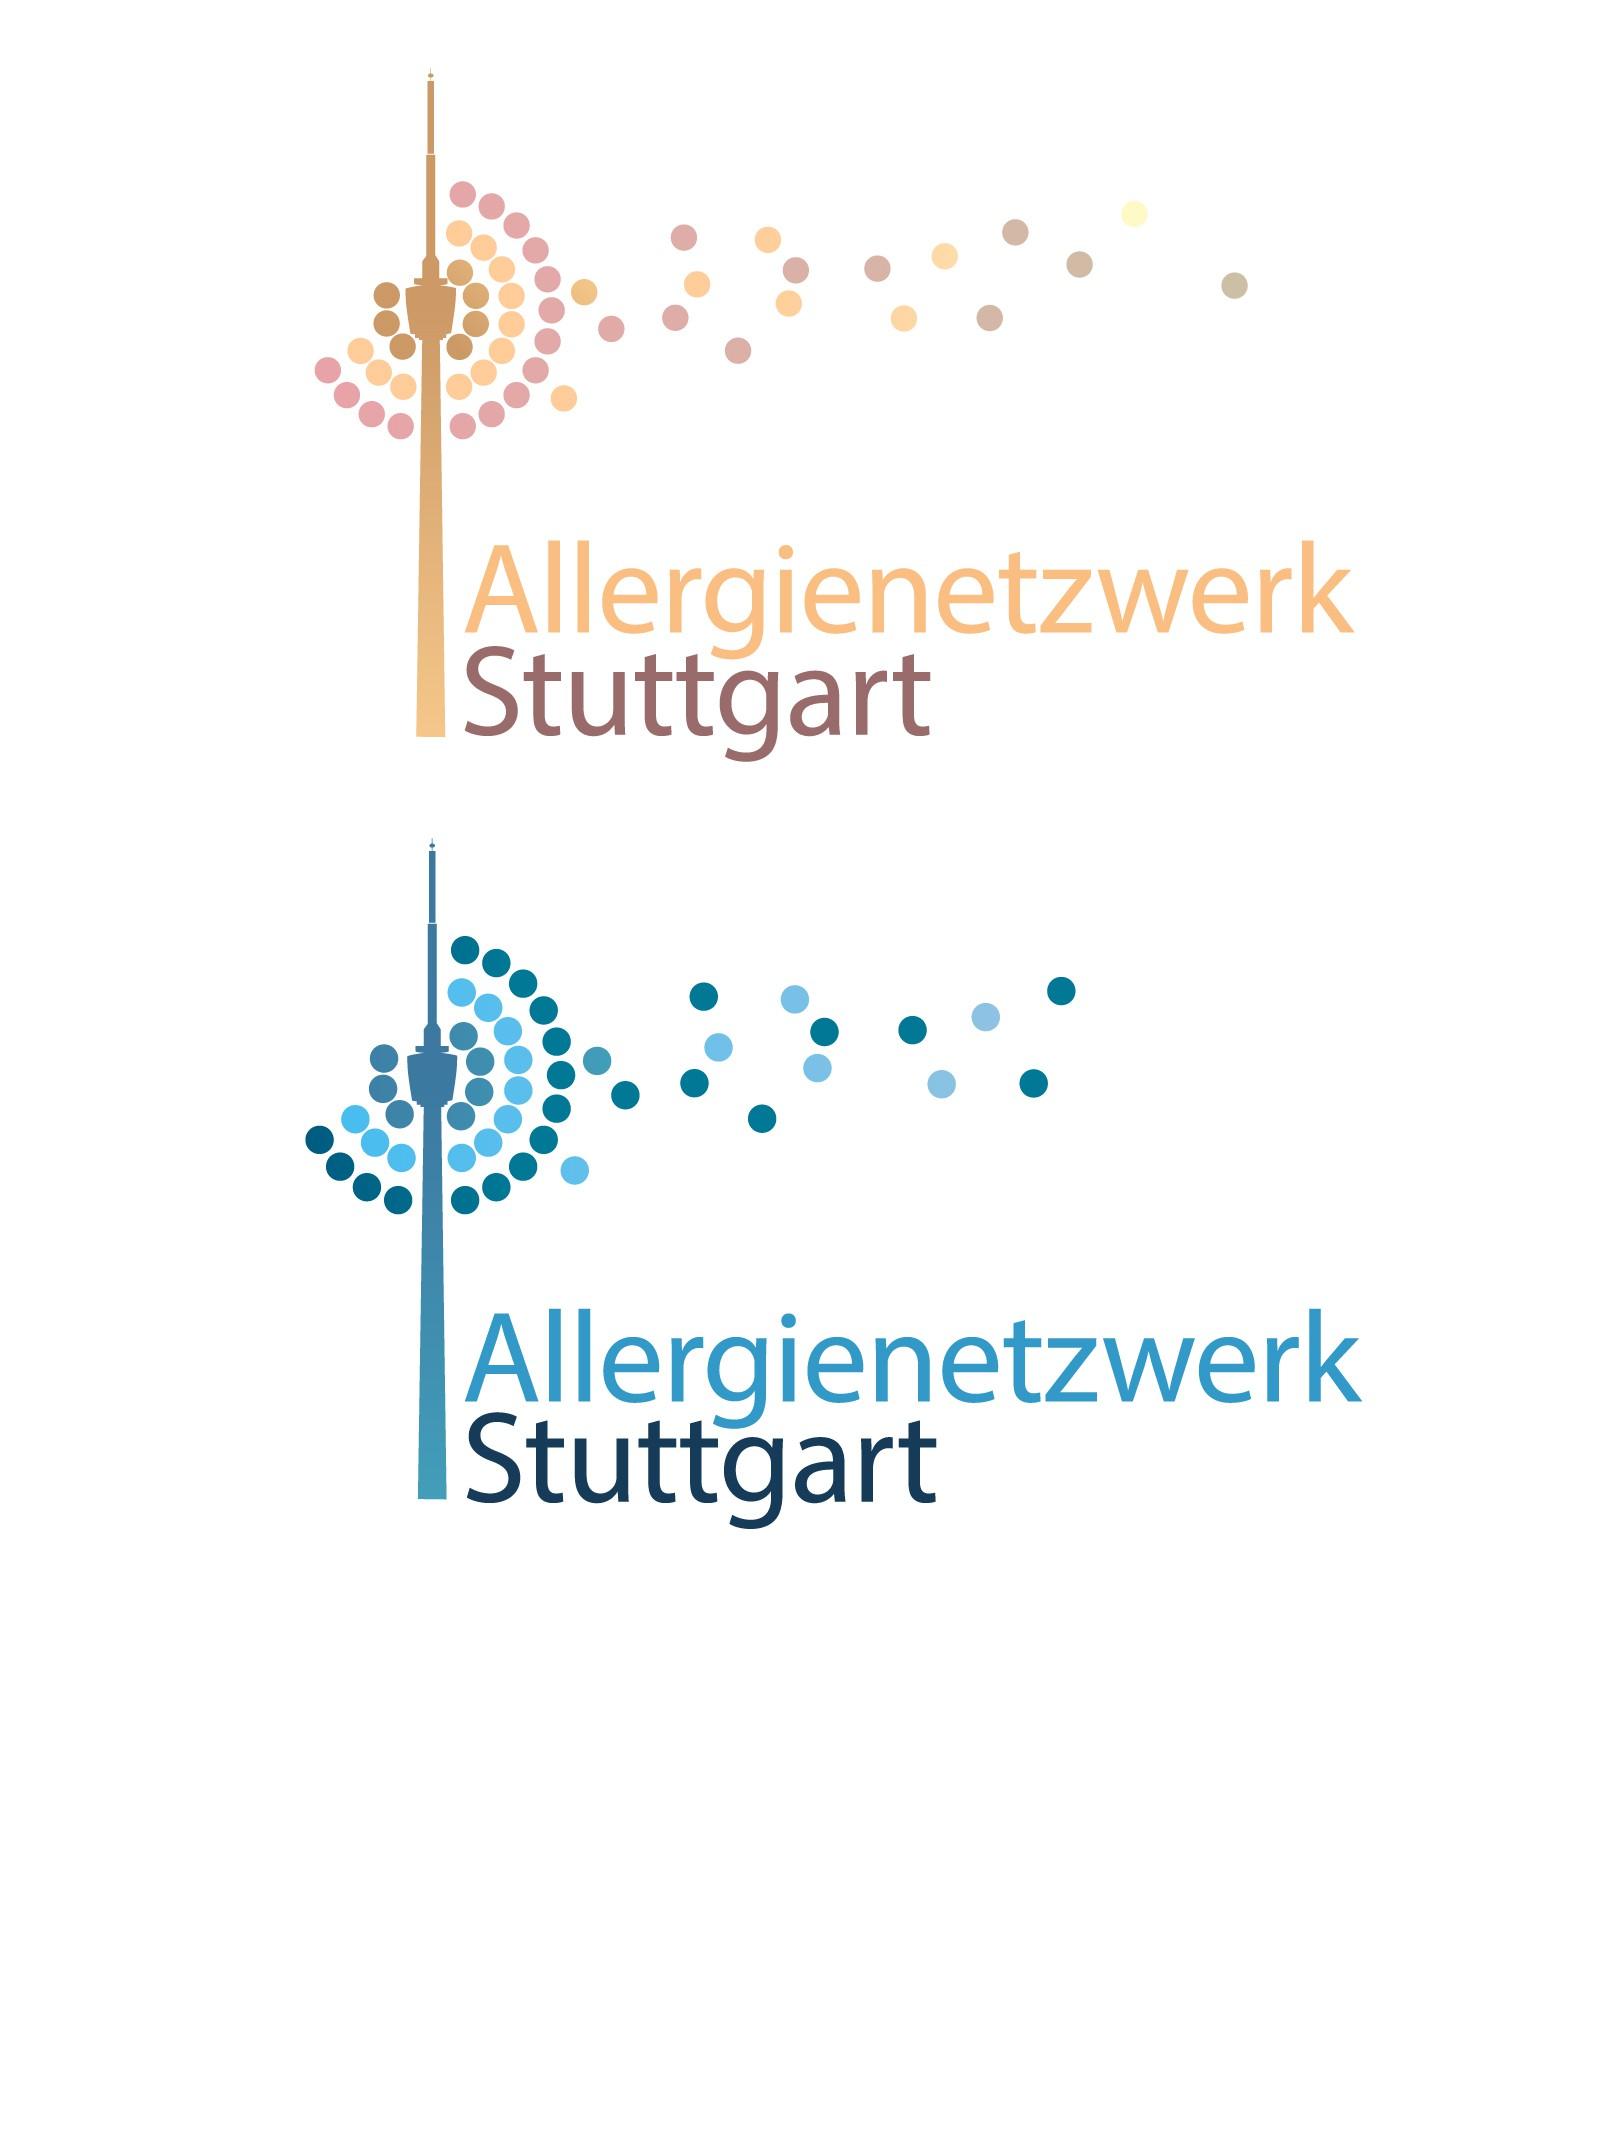 A newly designed logo for the Stuttgart allergy doctors!